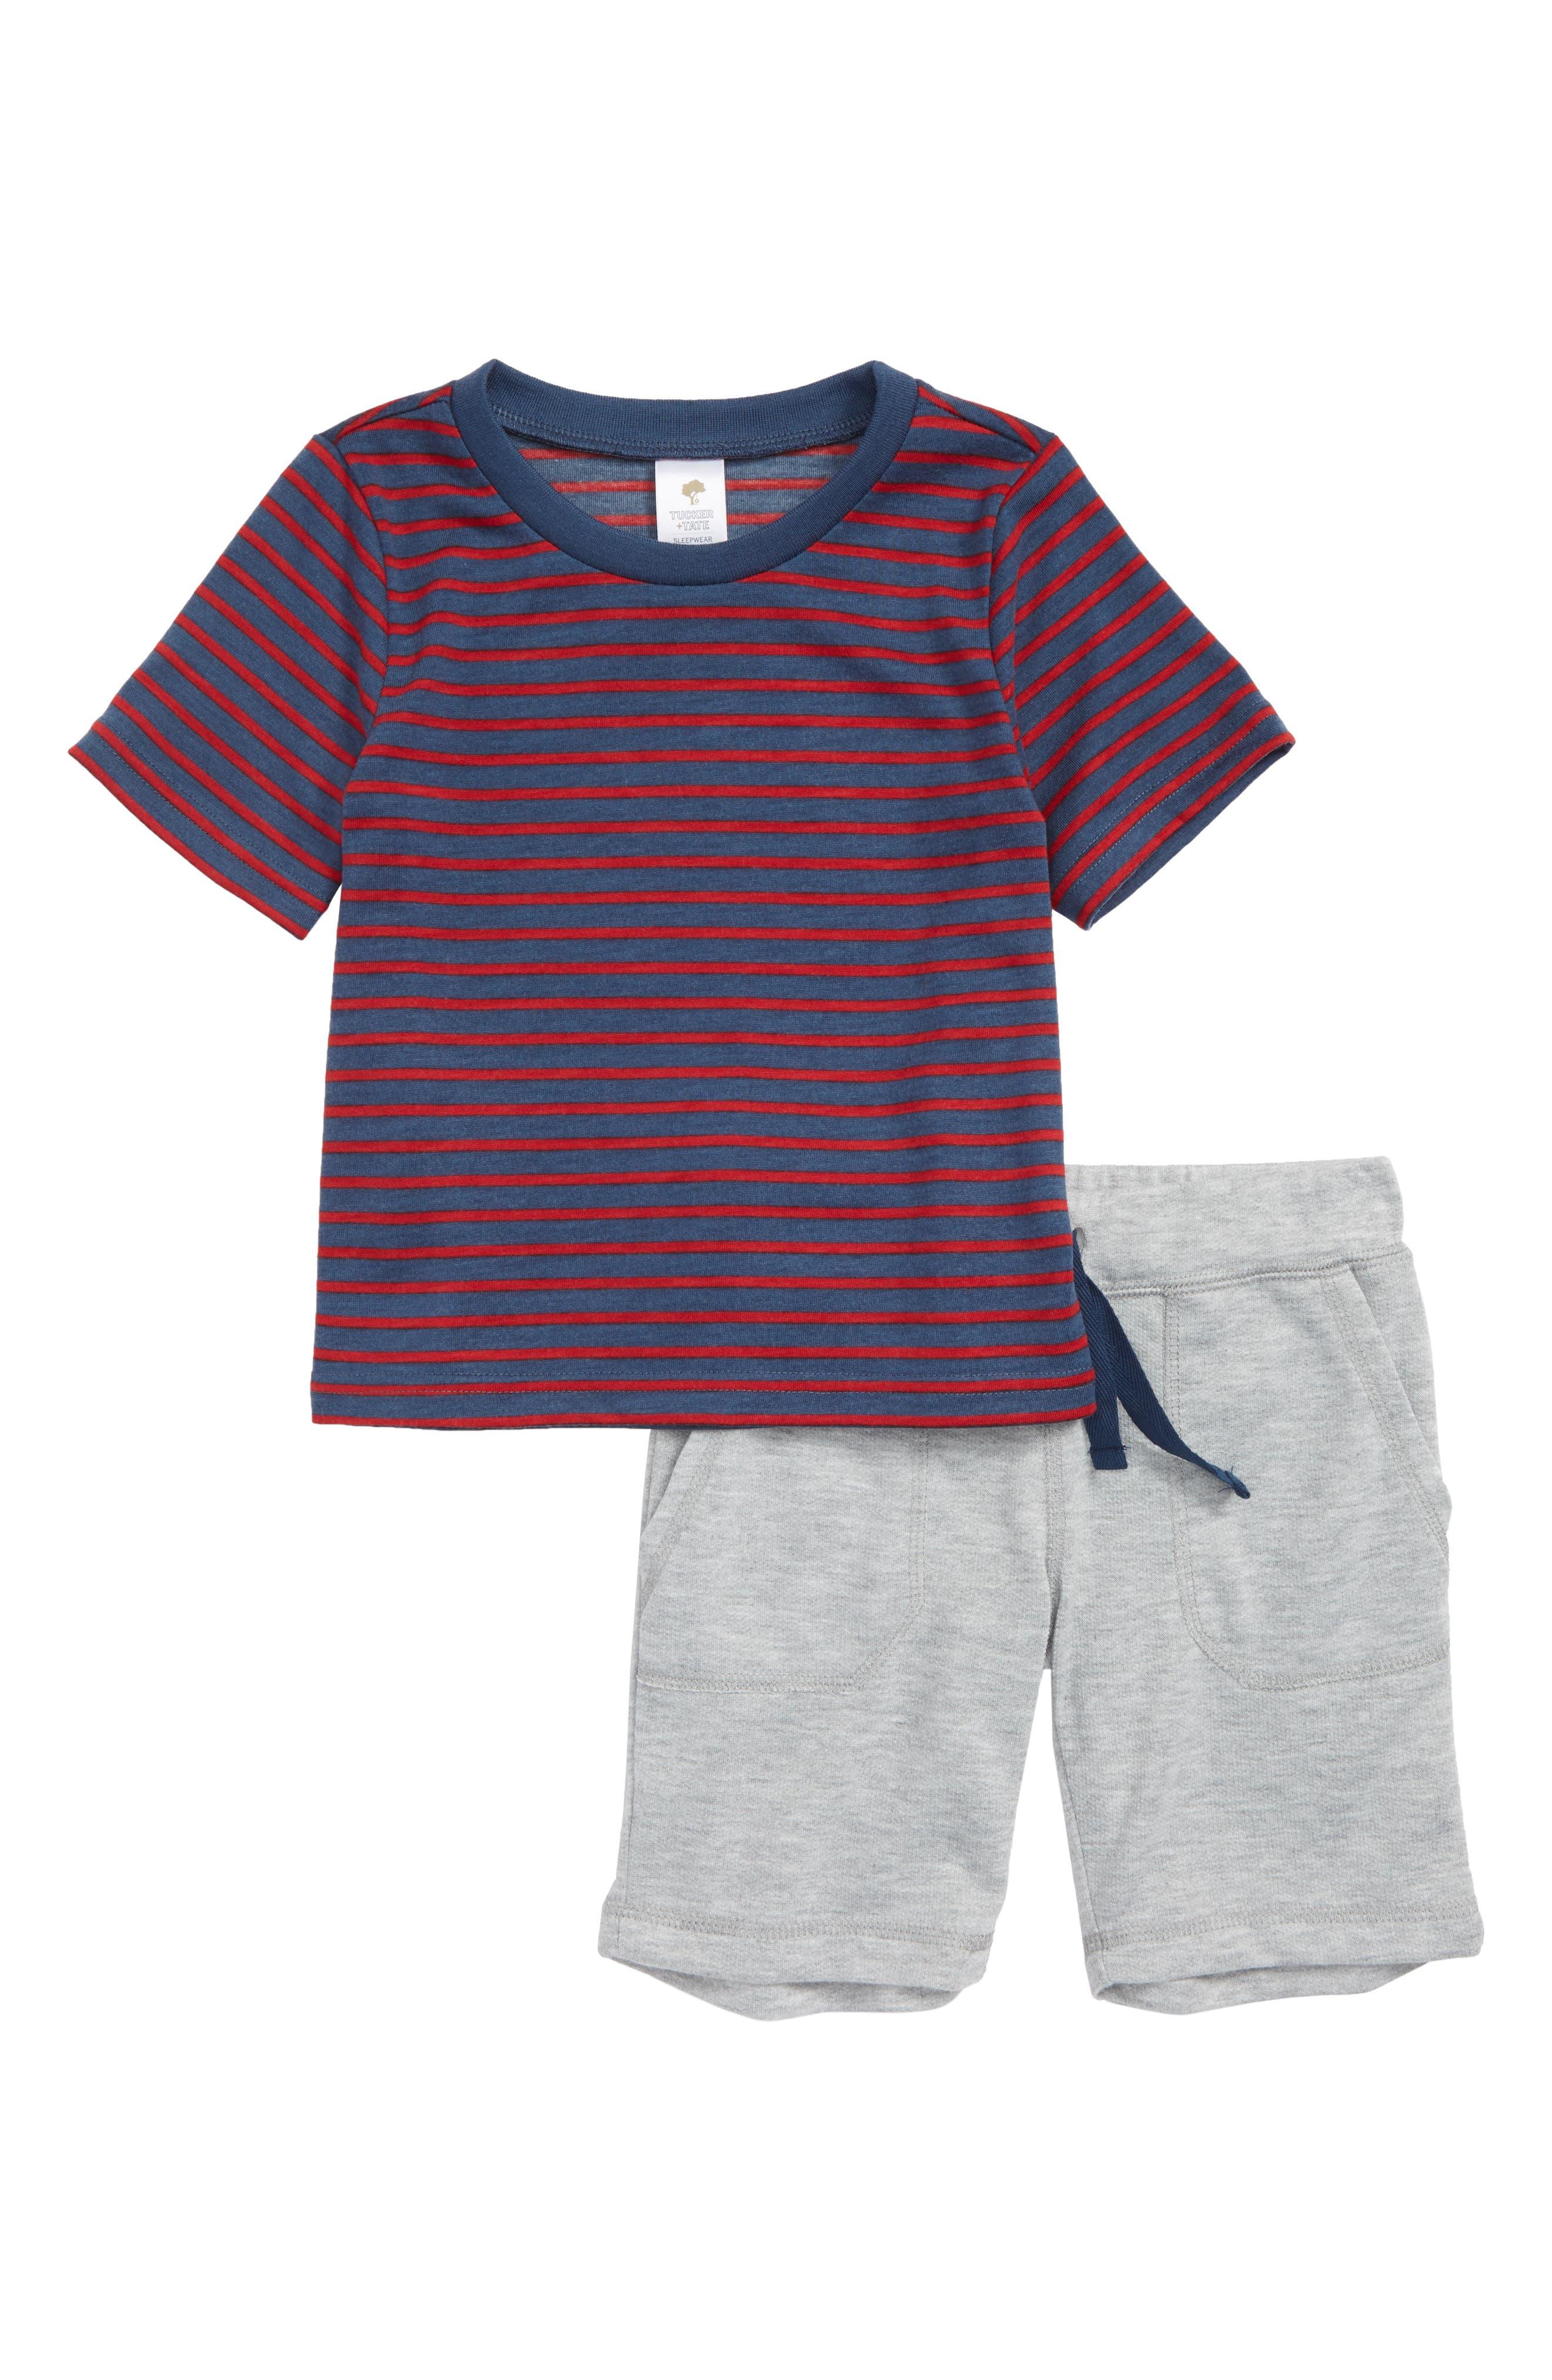 Toddler Boys Tucker  Tate TwoPiece Pajamas Size 3T  Red